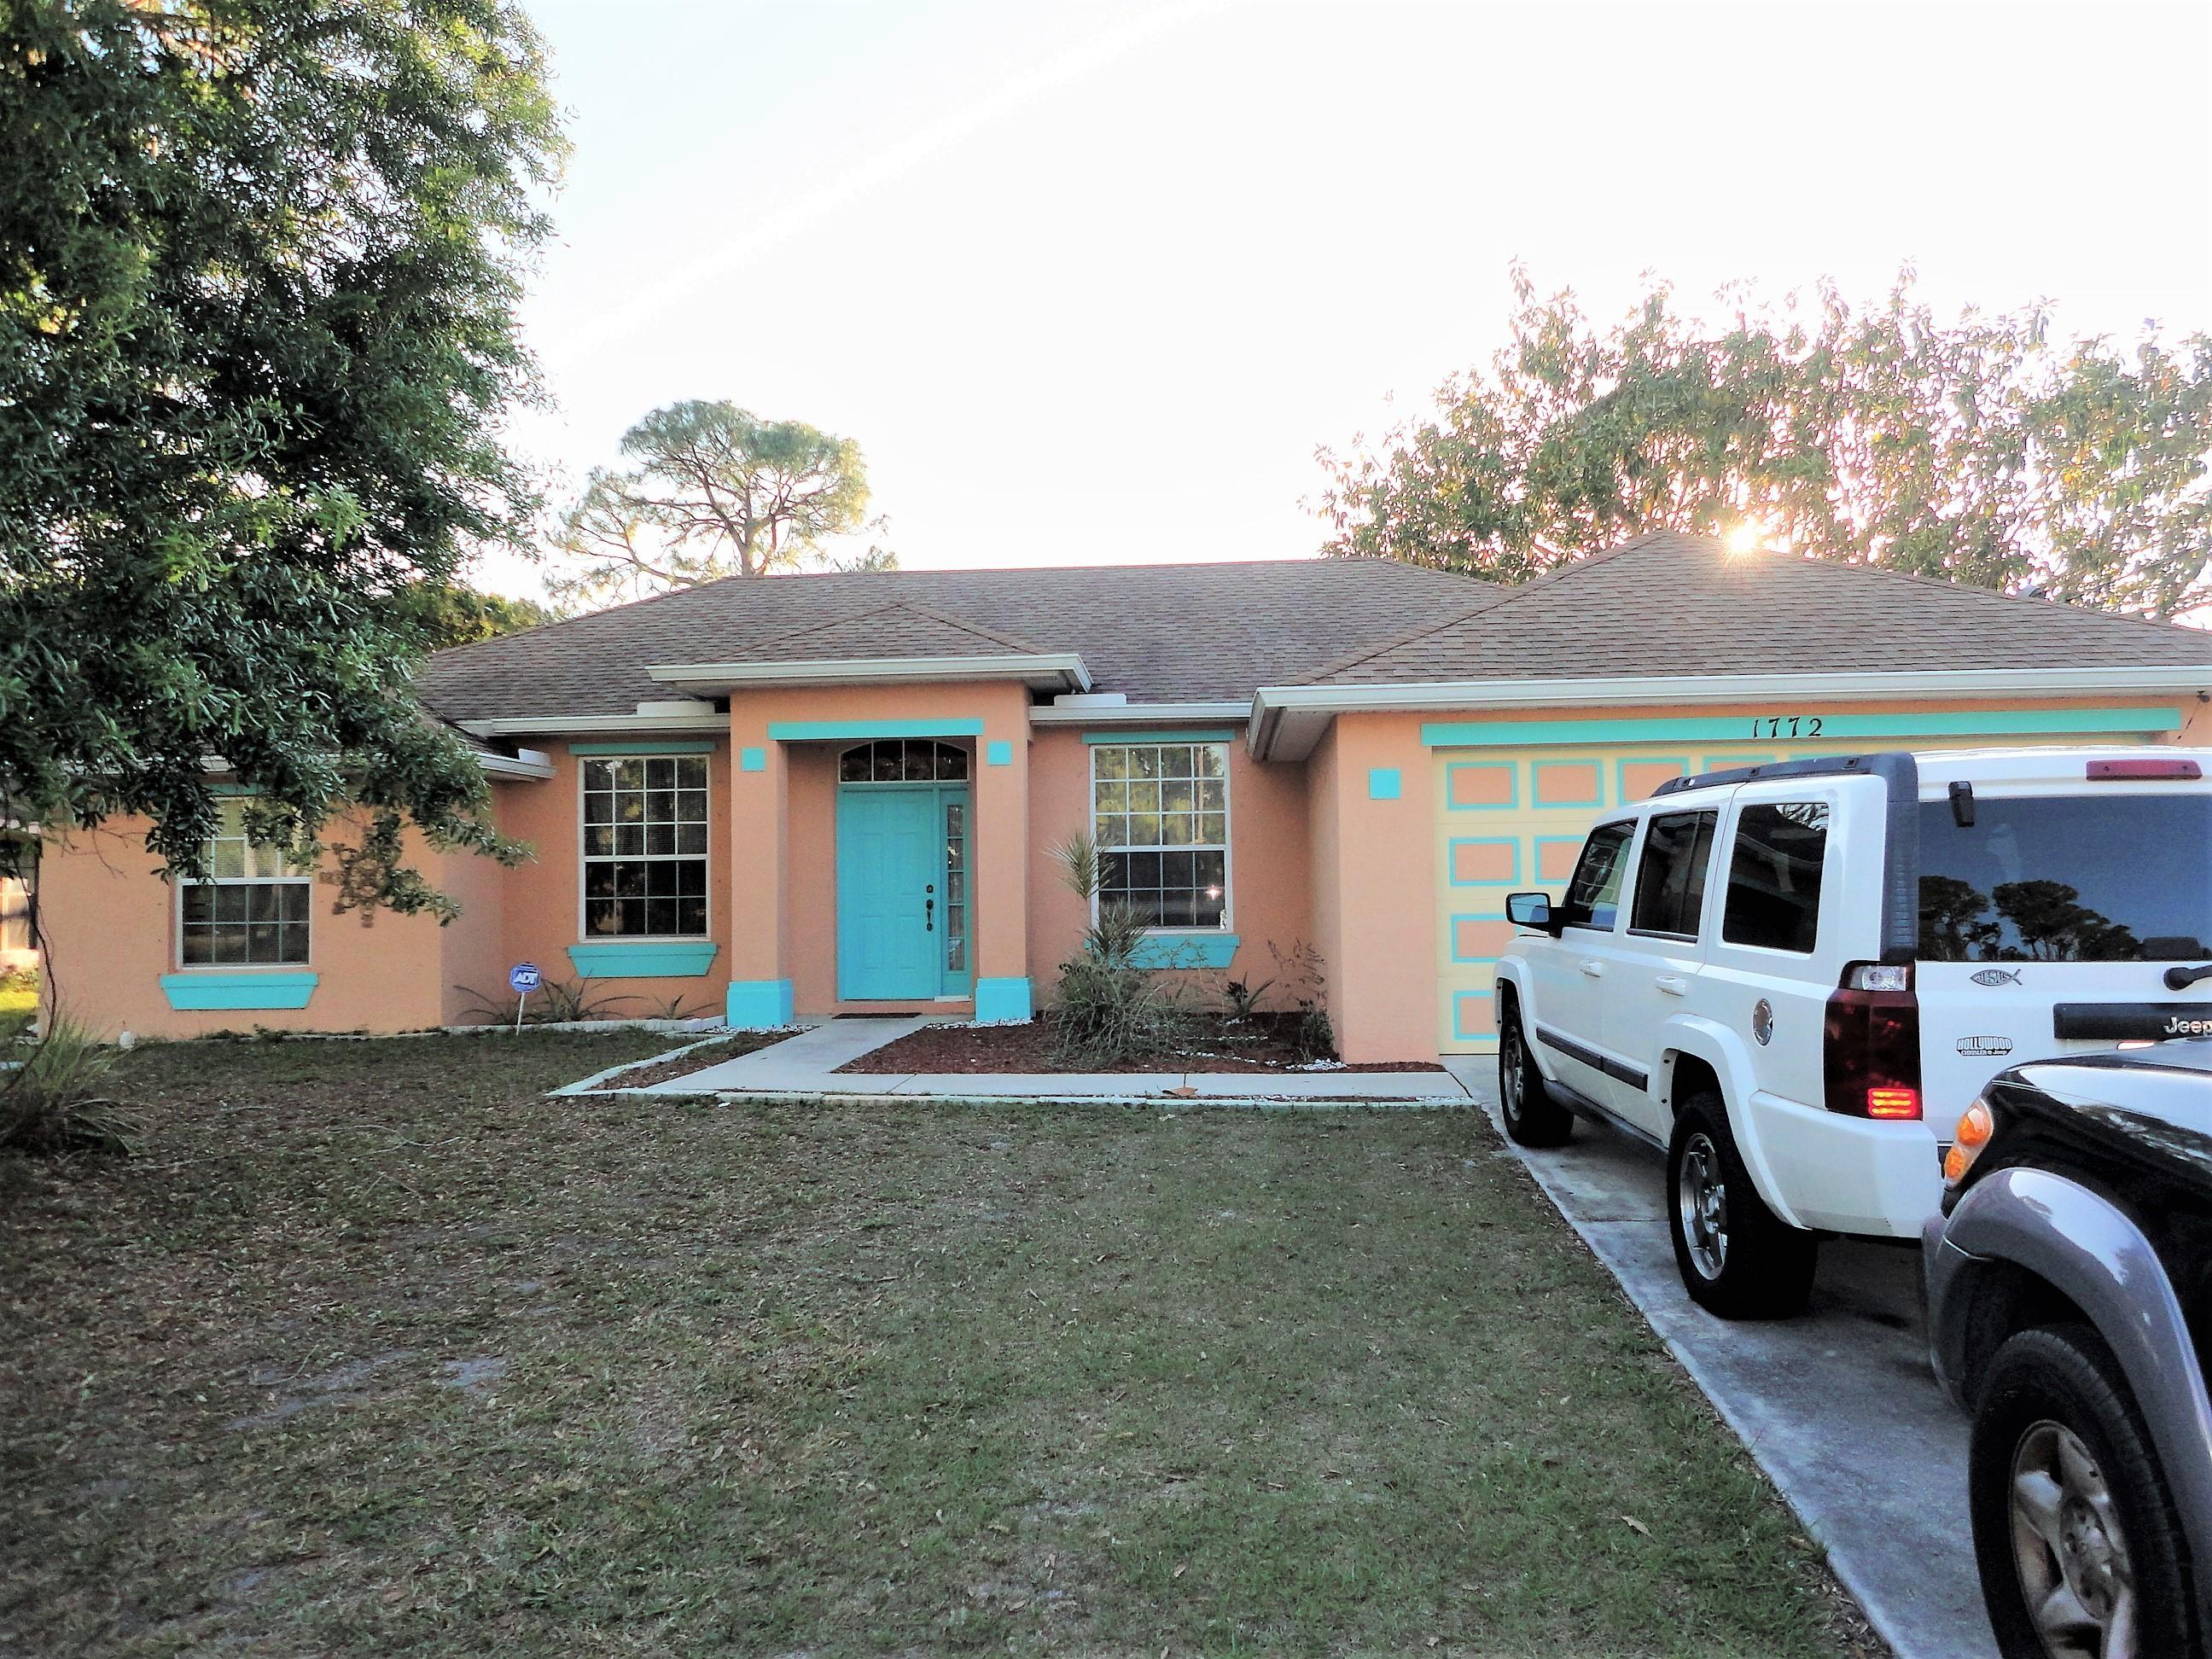 1772 SE Fallon Drive - Port St Lucie, Florida